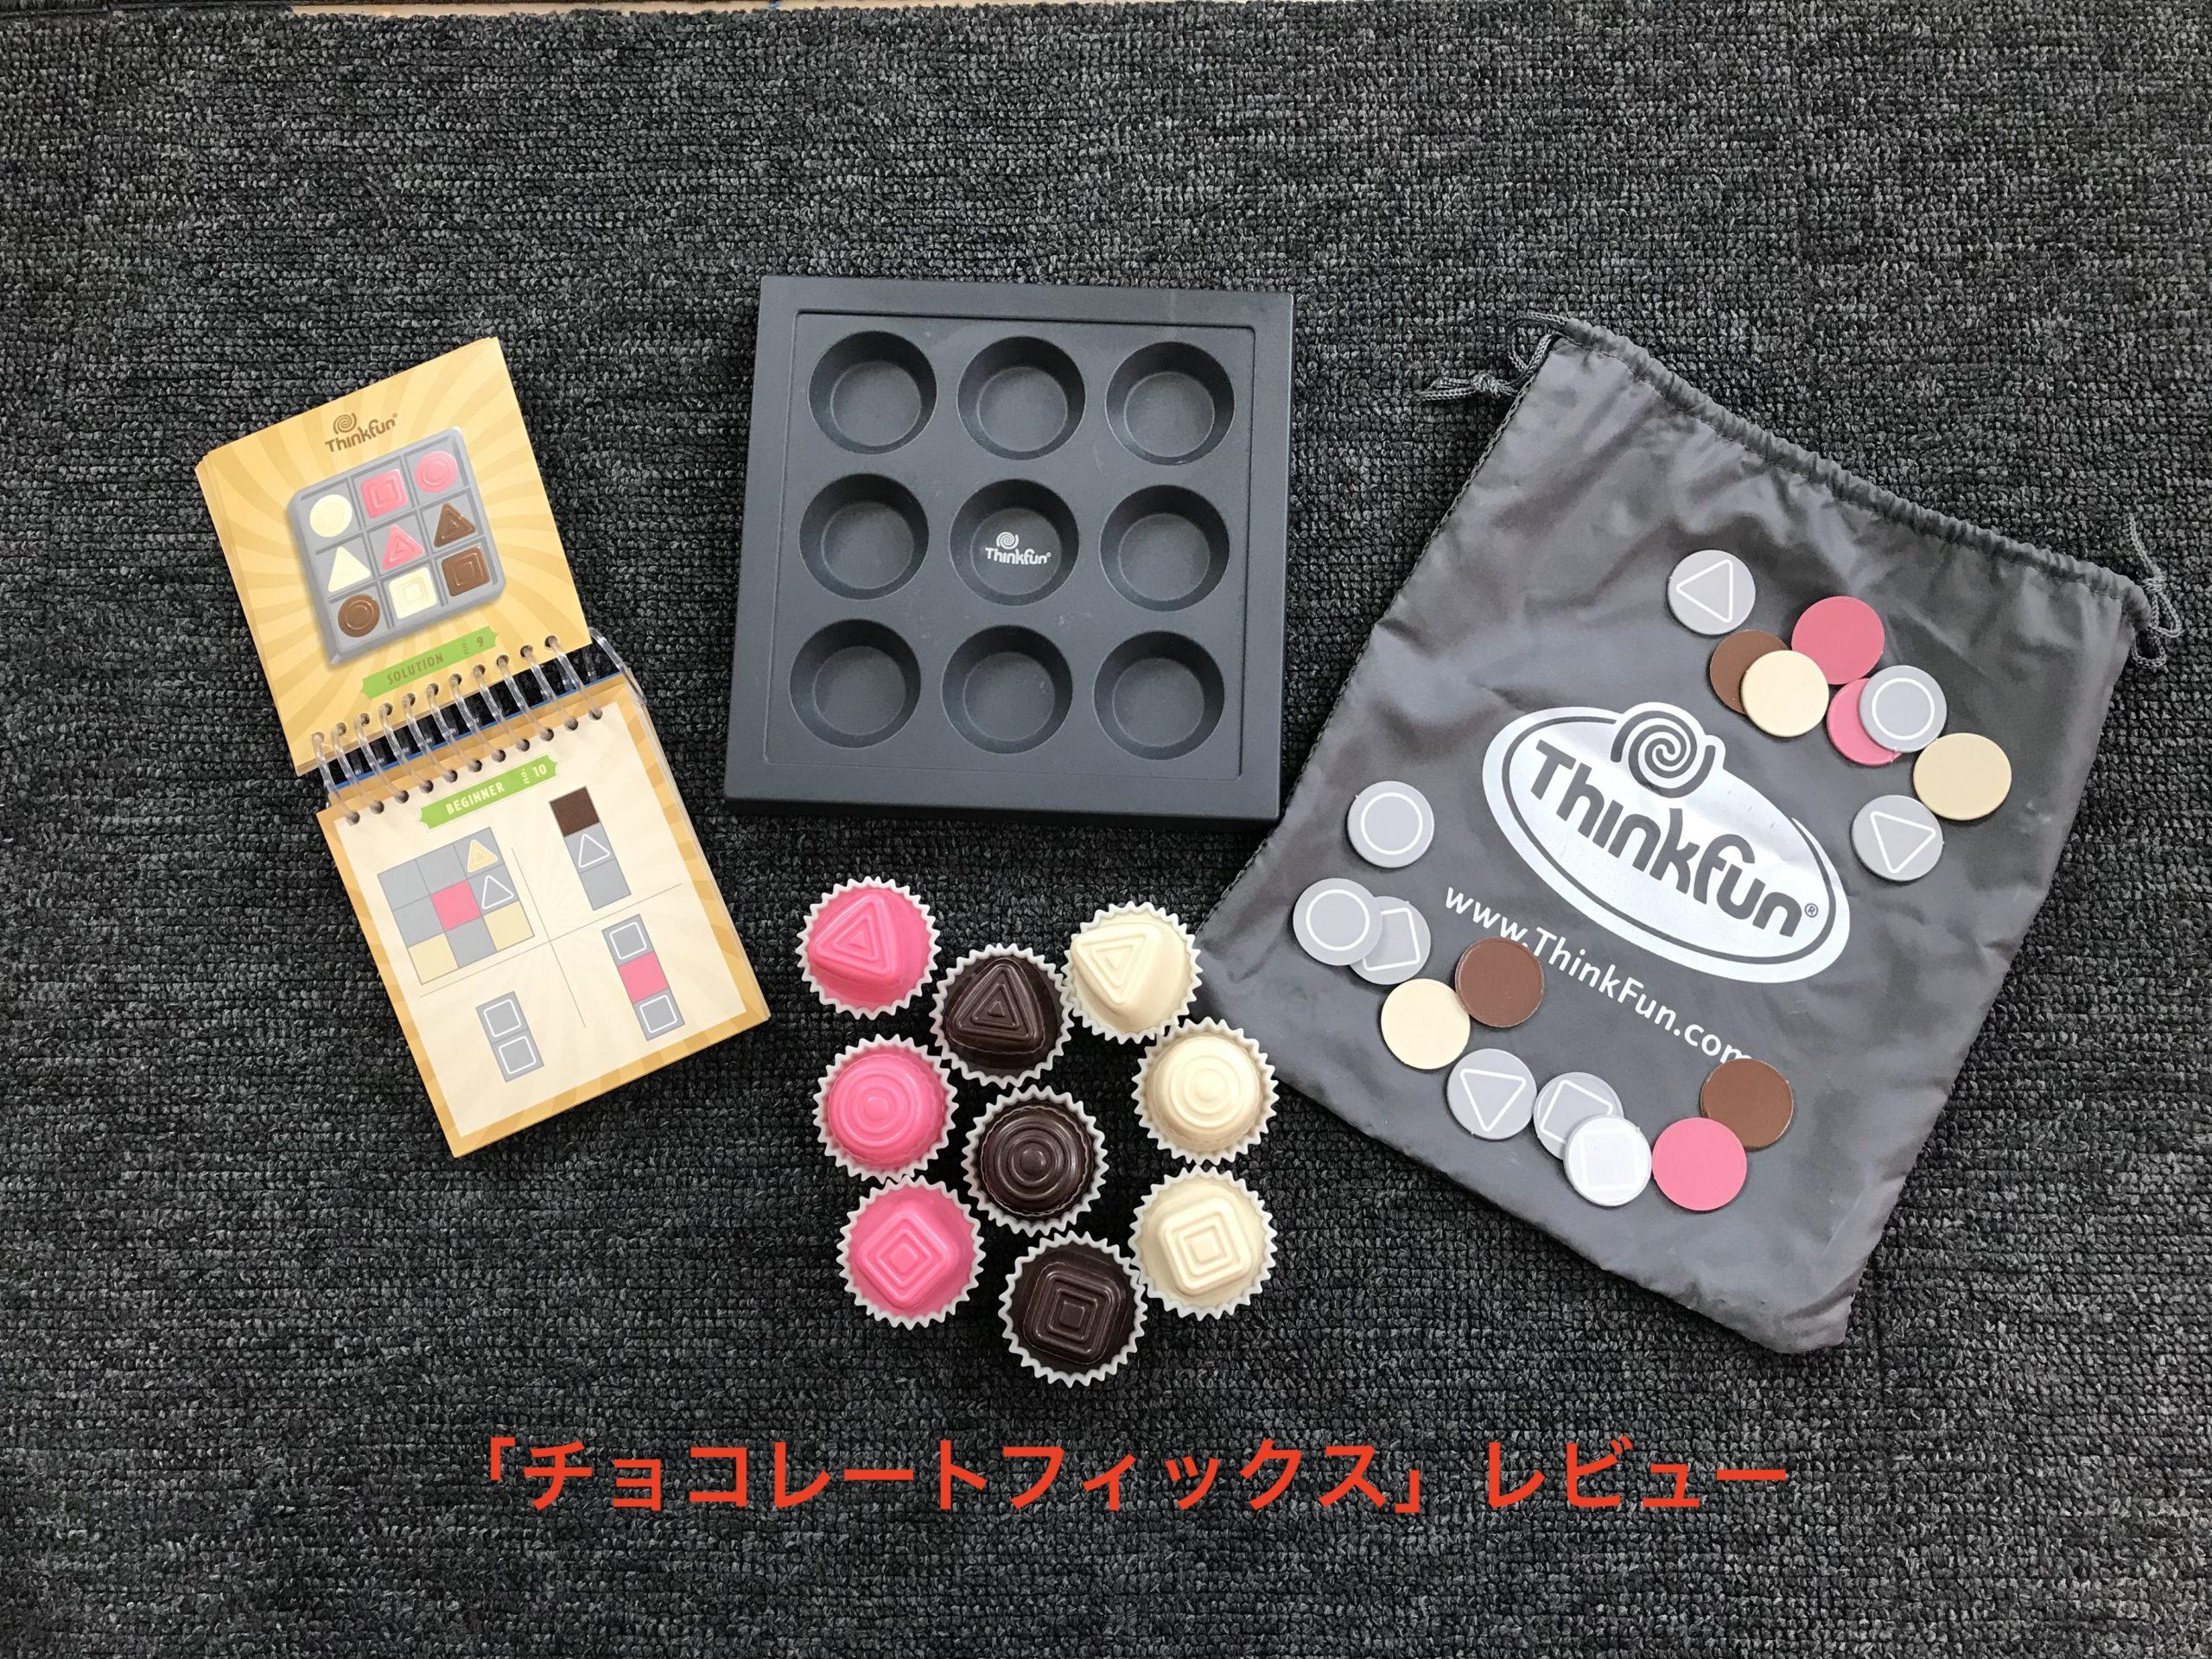 【レビュー】チョコレートフィックスは理論的推理力を鍛えるパズル!【遊び方・脳トレ効果】